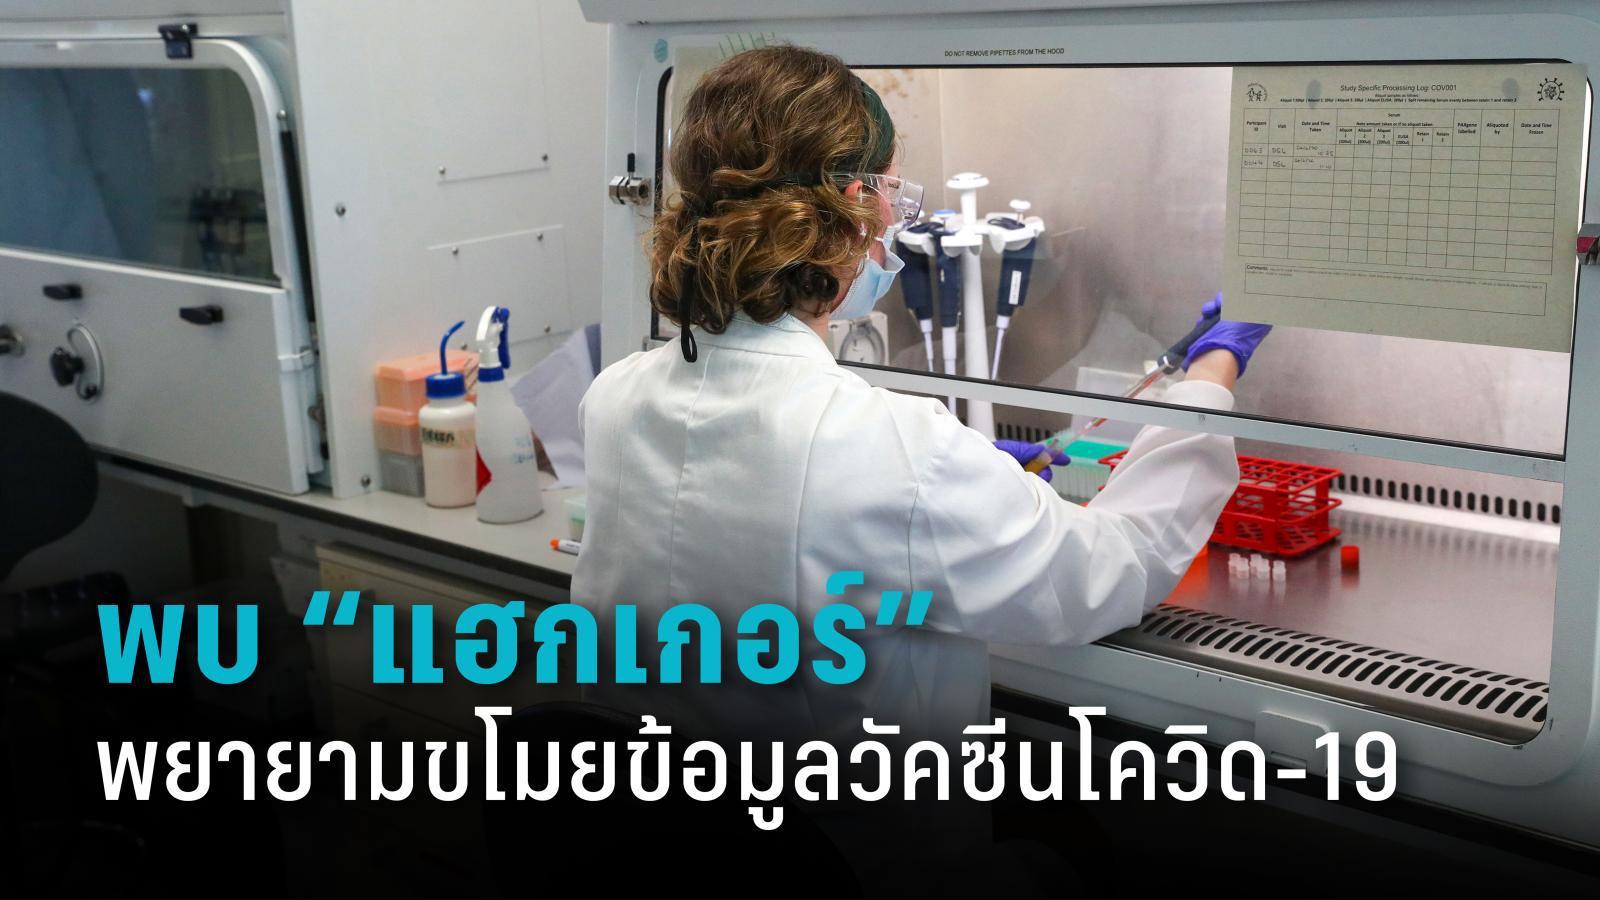 พบเบาะแส 4 ชาติ พยายามขโมยข้อมูลสูตรวัคซีนโควิด-19